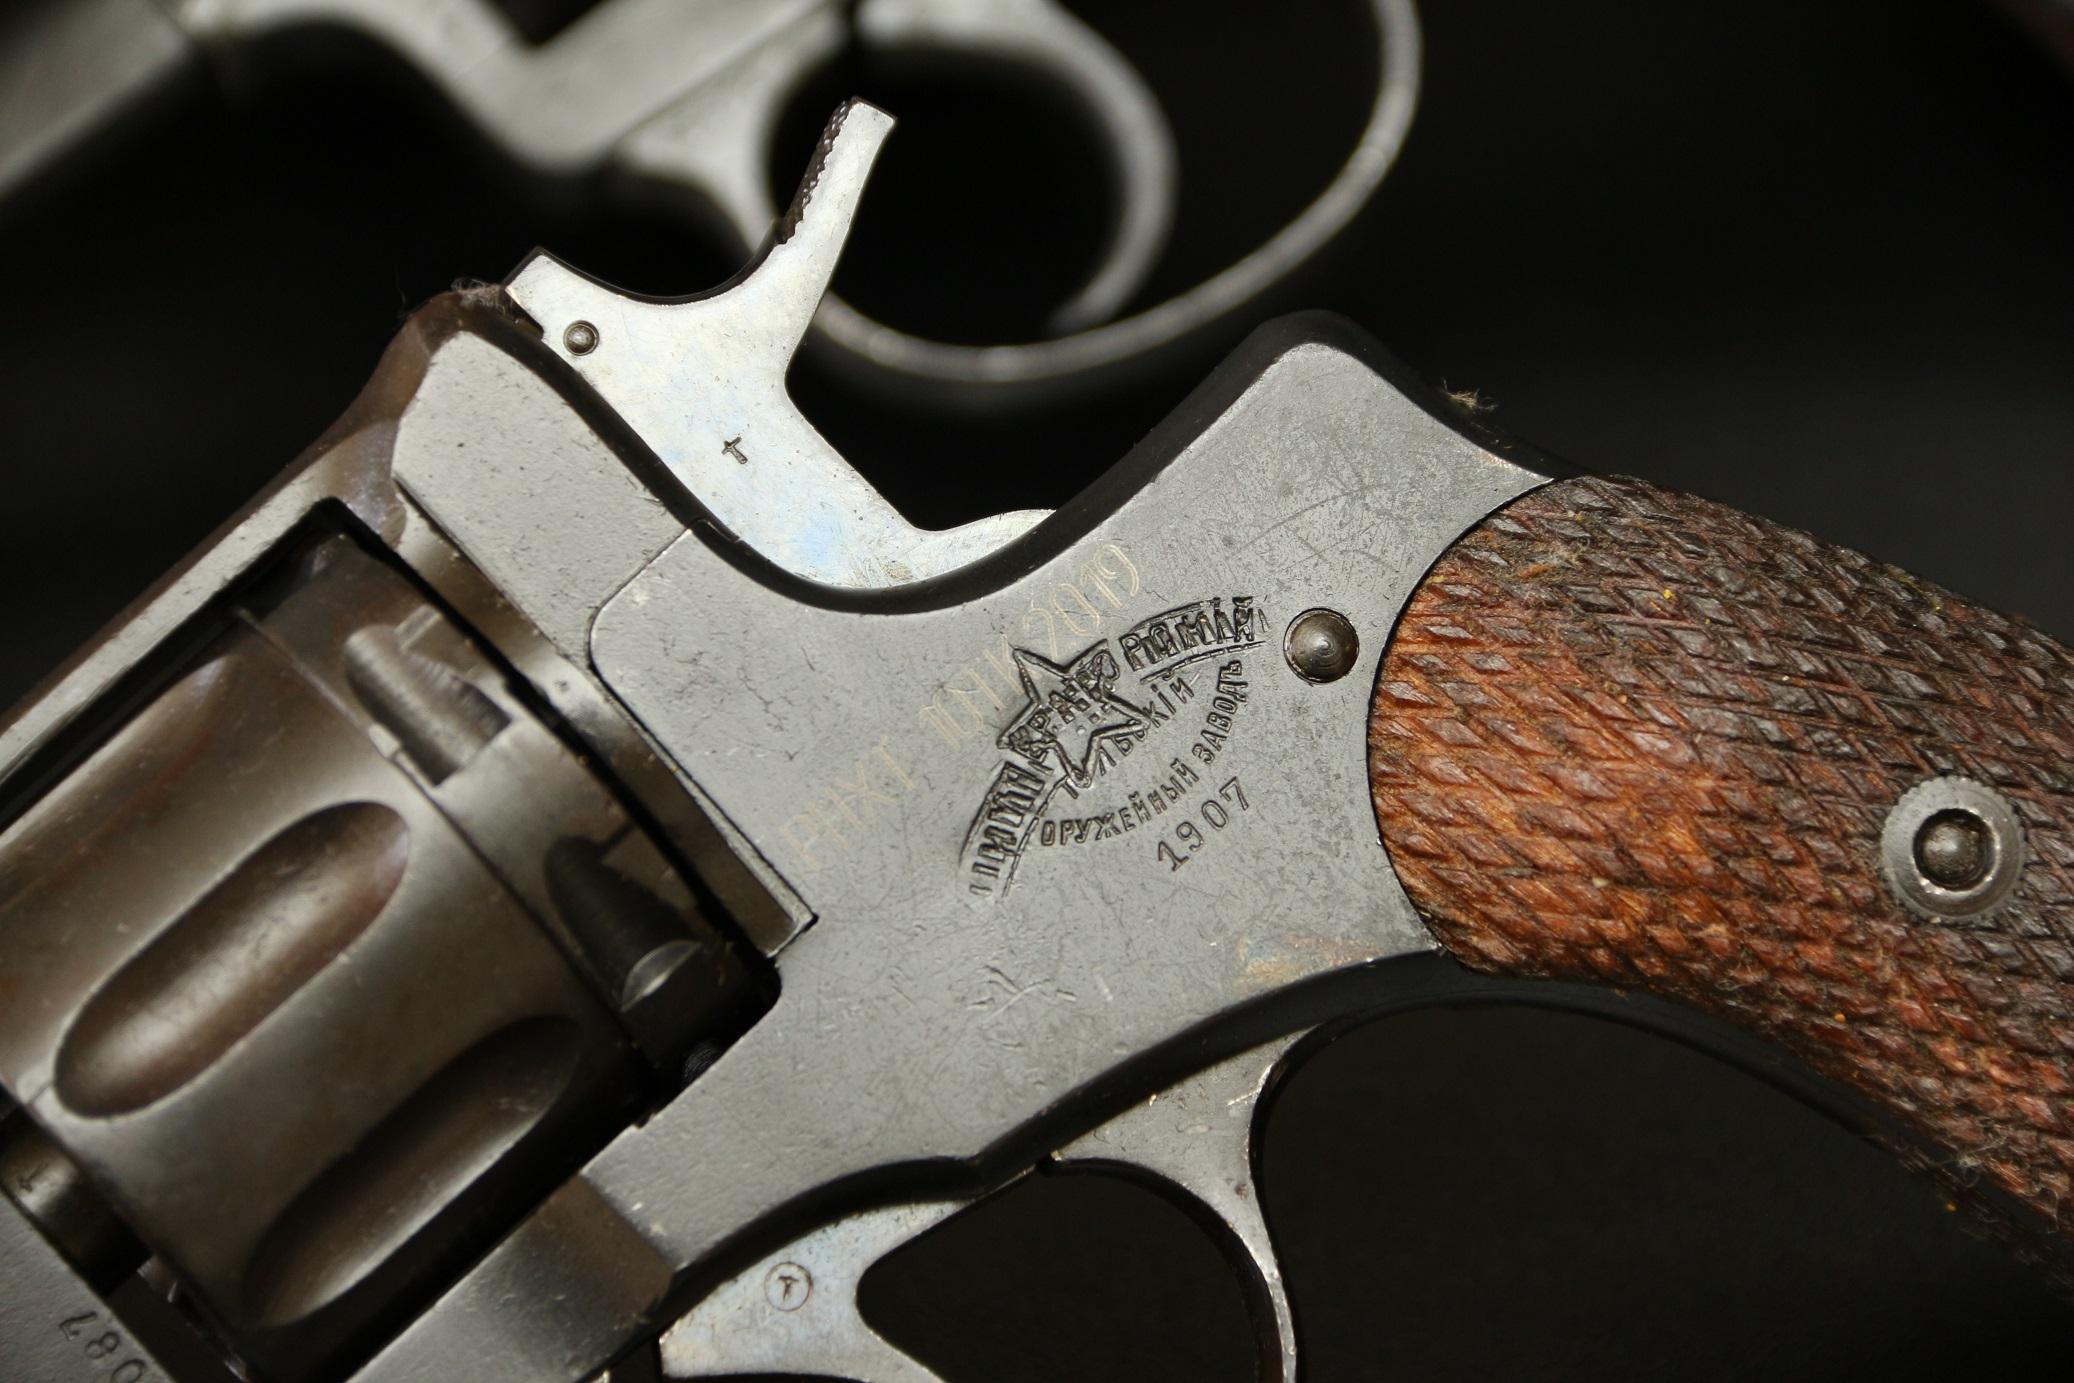 Фото Охолощенный револьвер Наган 1907 года №1037, большевицкий ремонт, редкий год, состояние